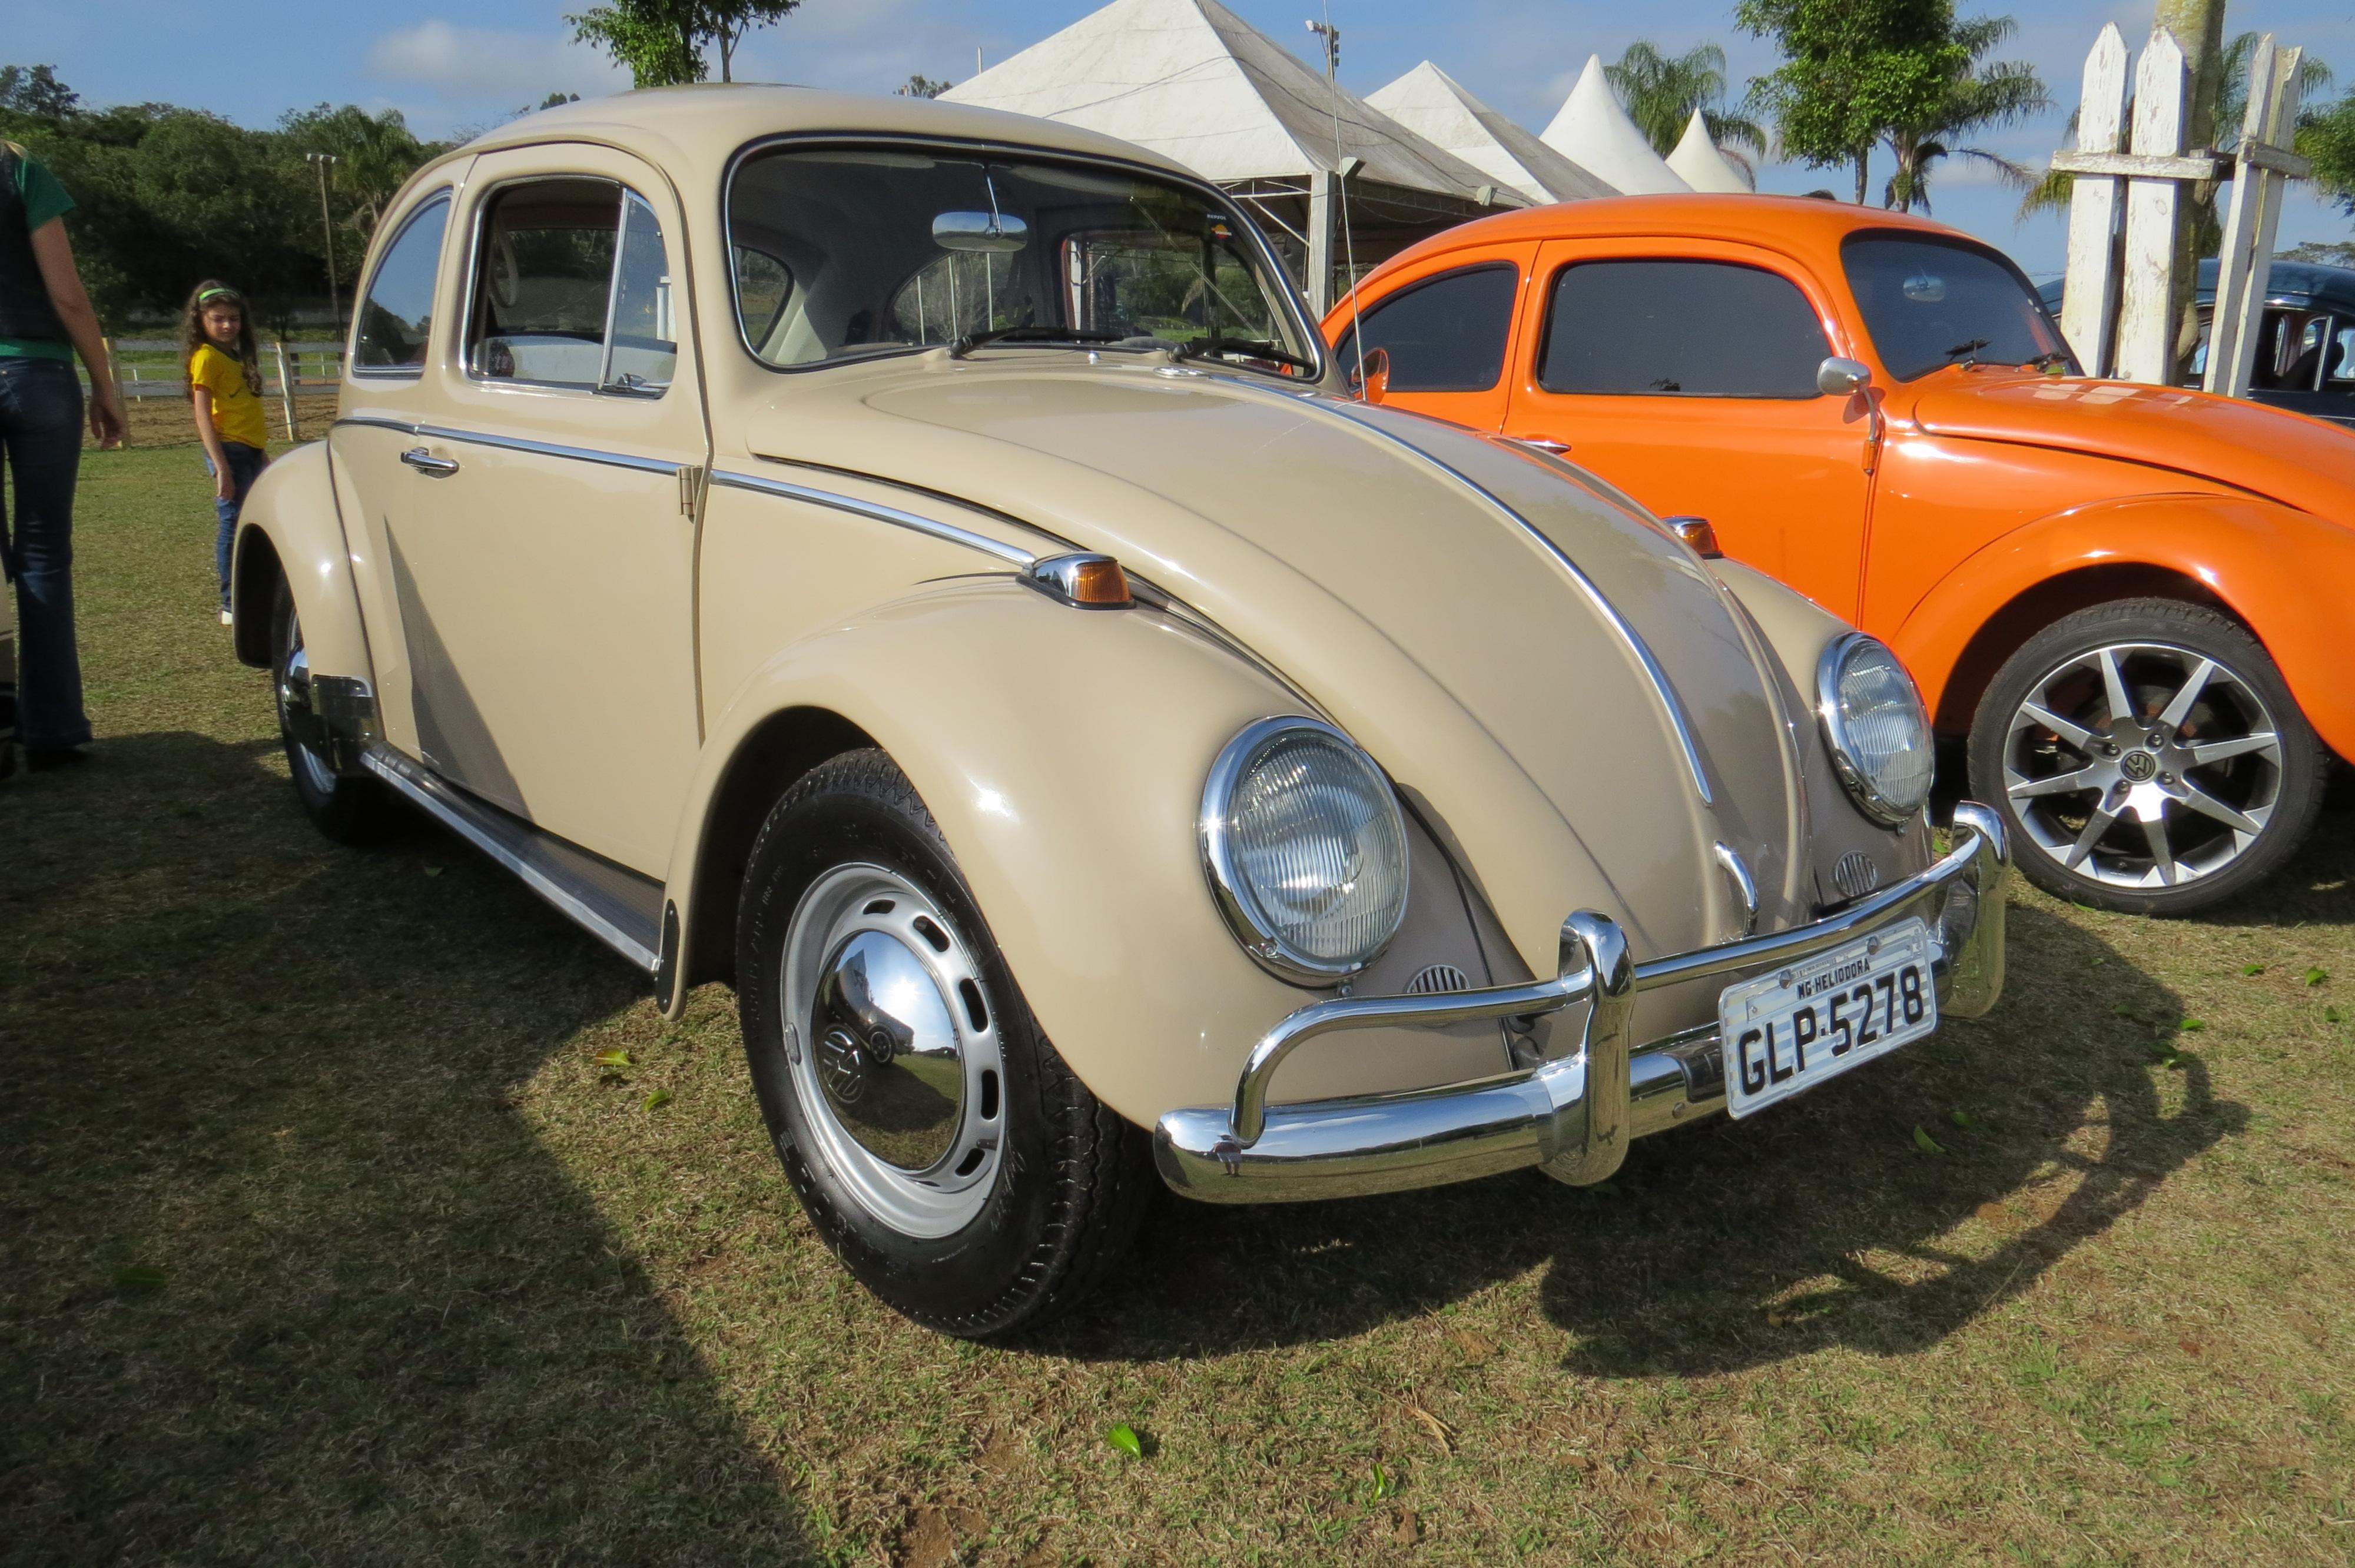 IMG 4862 1 - 3º Grande Encontro dos Carros Antigos do Sul de Minas